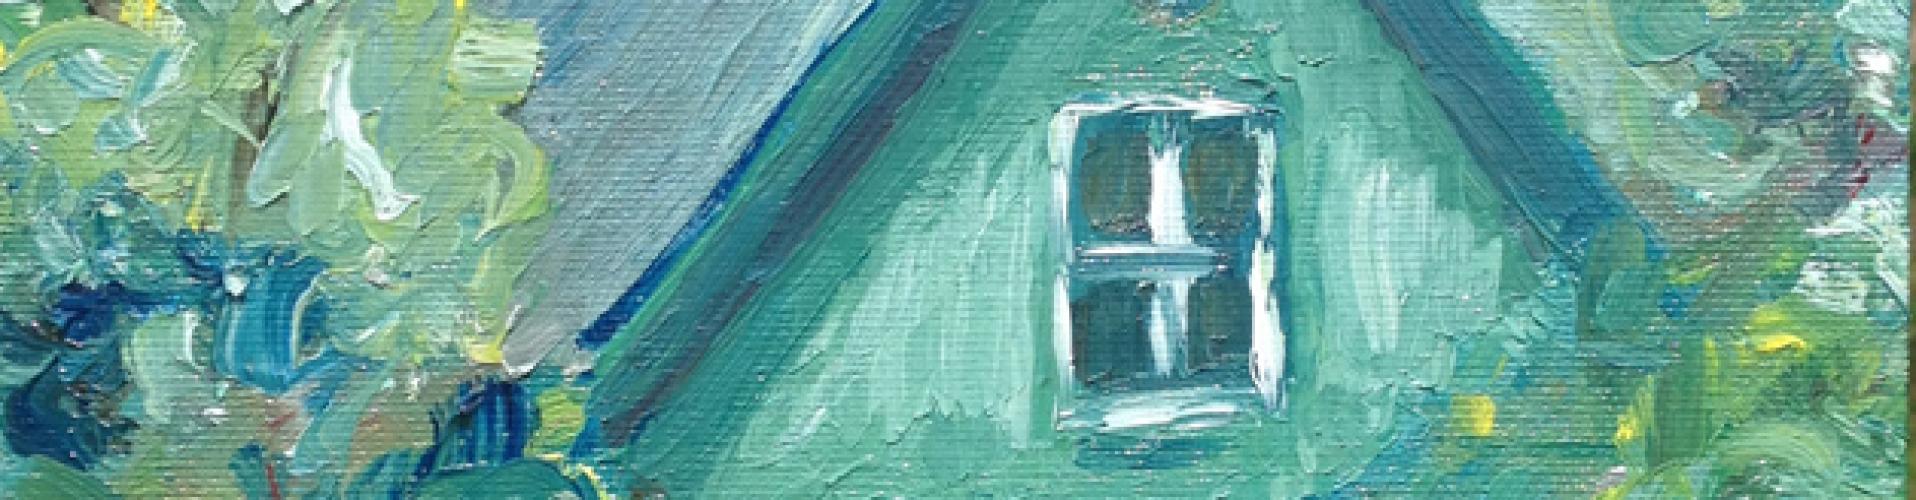 verscholen-tussen-het-groen